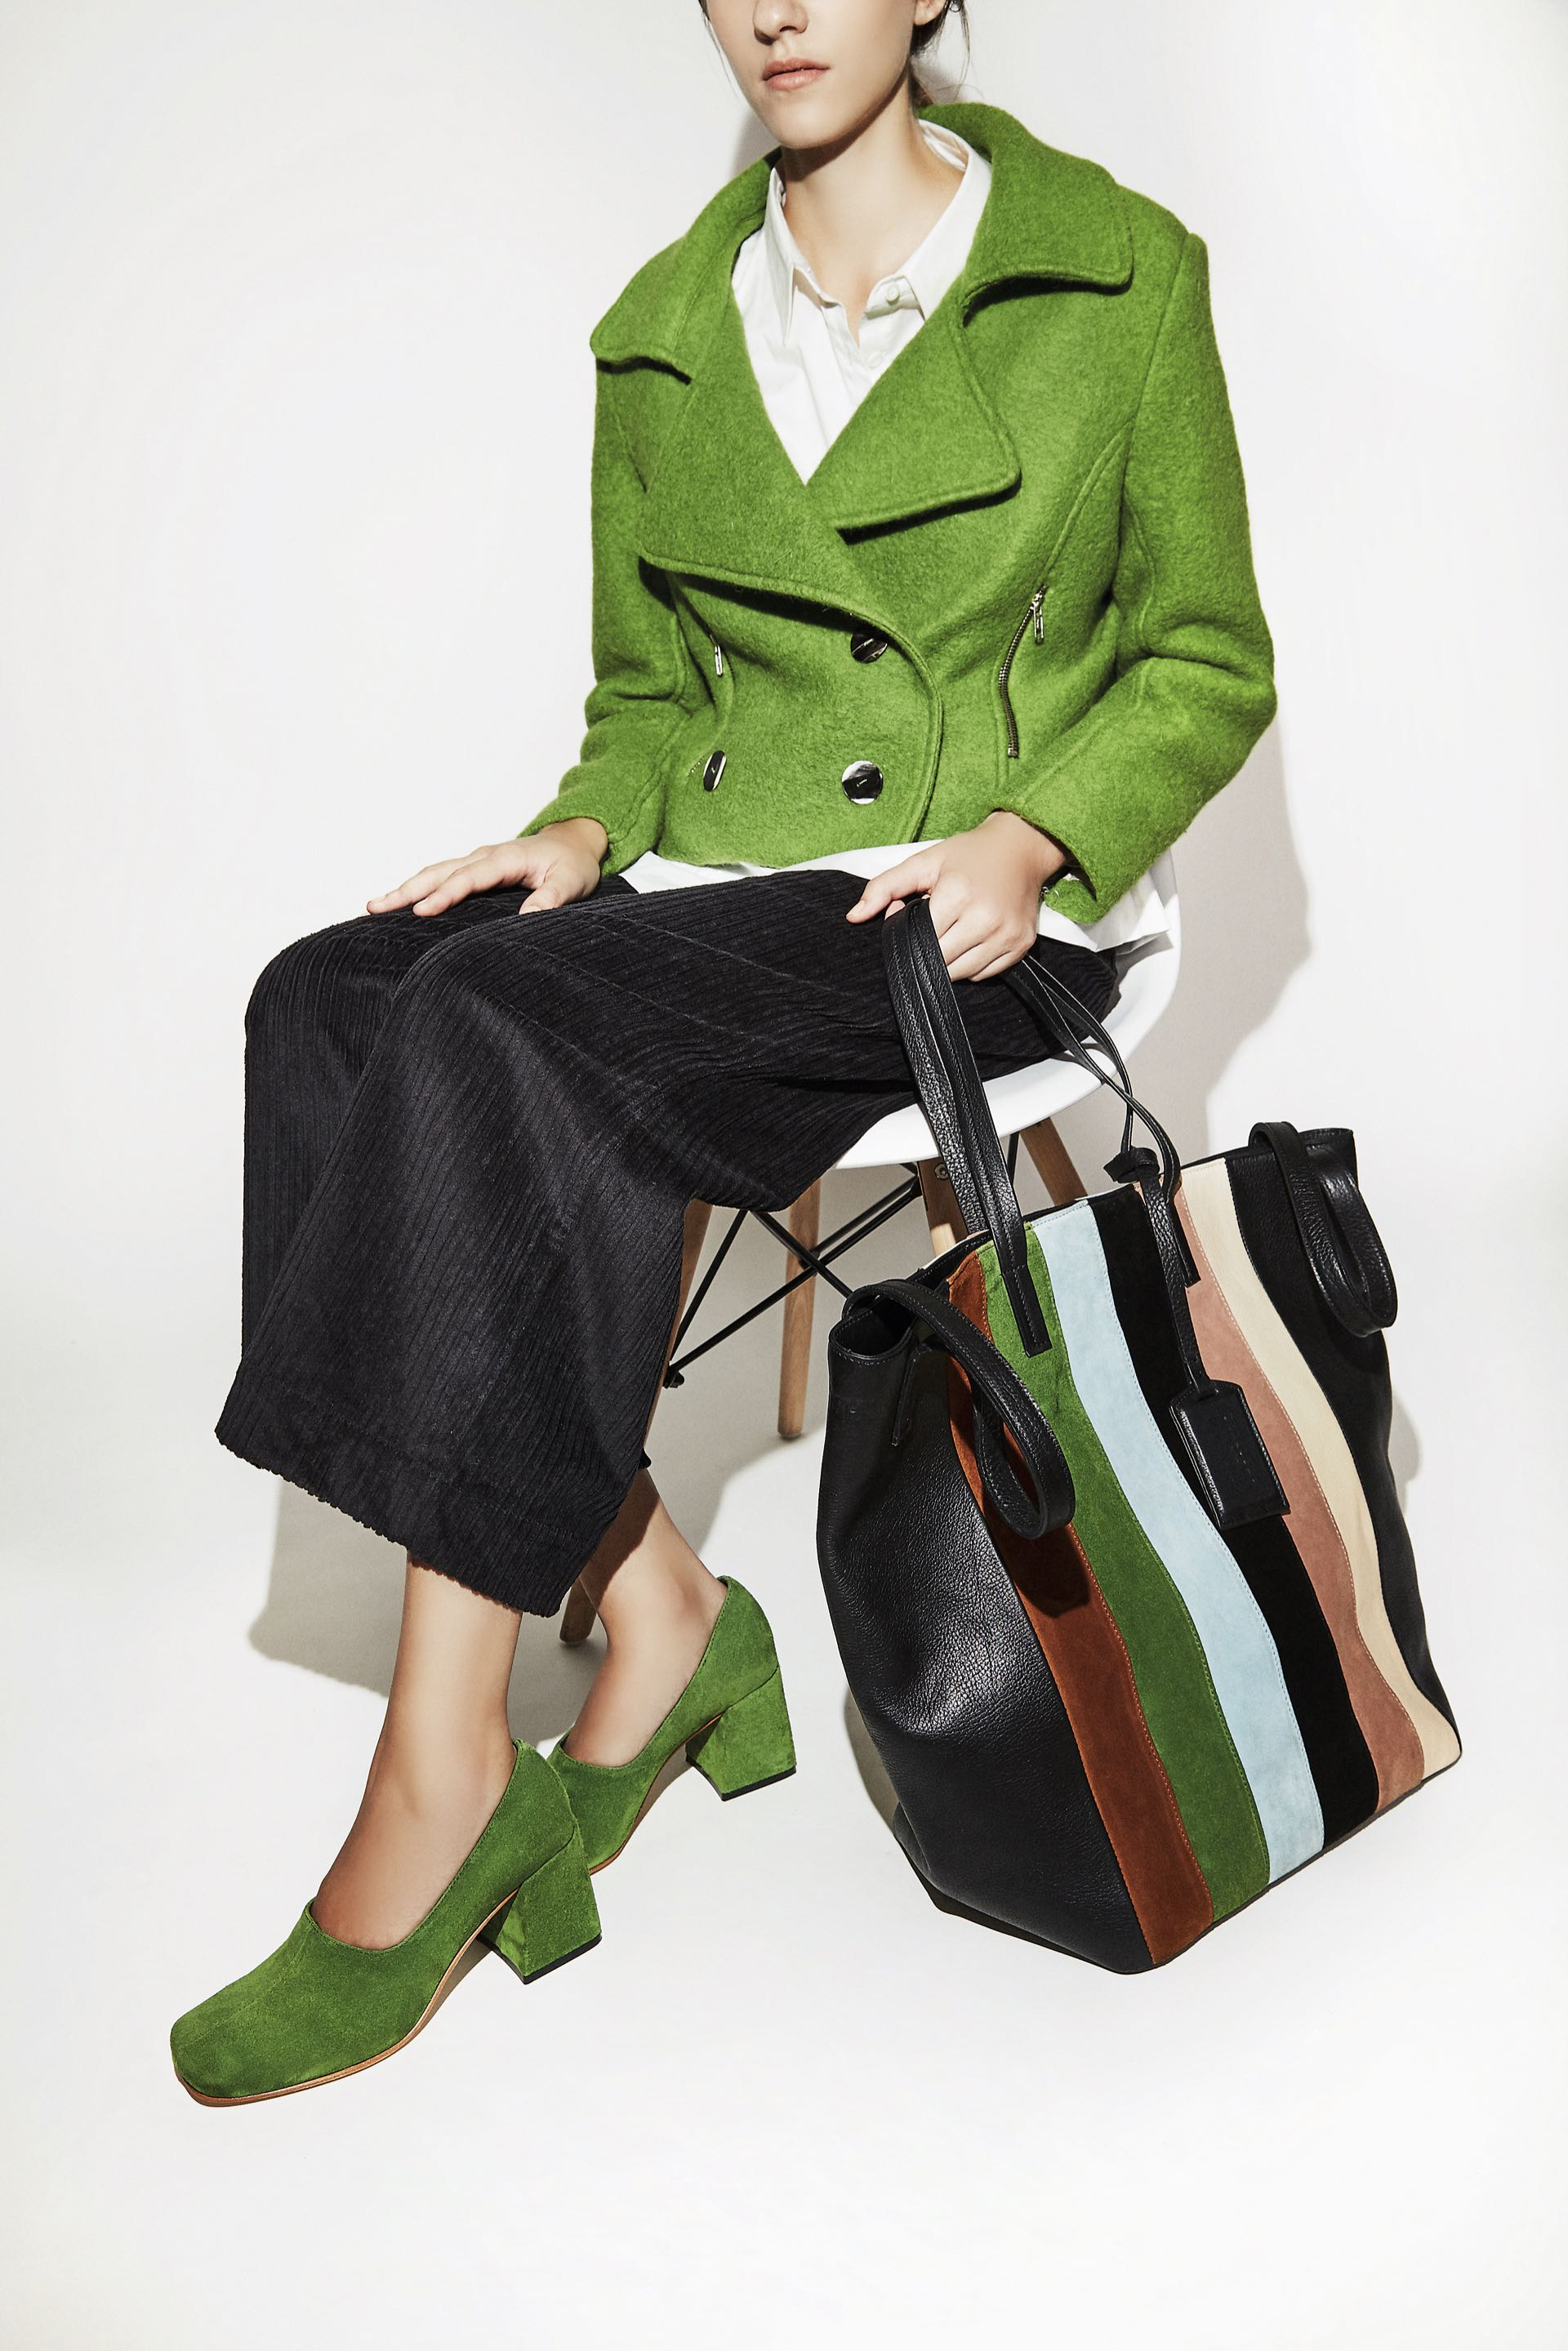 Onda retro. Zapatos de gamuza con taco cuadrado, pantalón de corderoy, camisa, chaqueta de paño y bolso de cuero rayado ($ 8.680, $ 2.980, $ 2.640, $ 4.820 y $ 6.540, Mishka). Fotos: Chino Toccalino/ Para Ti